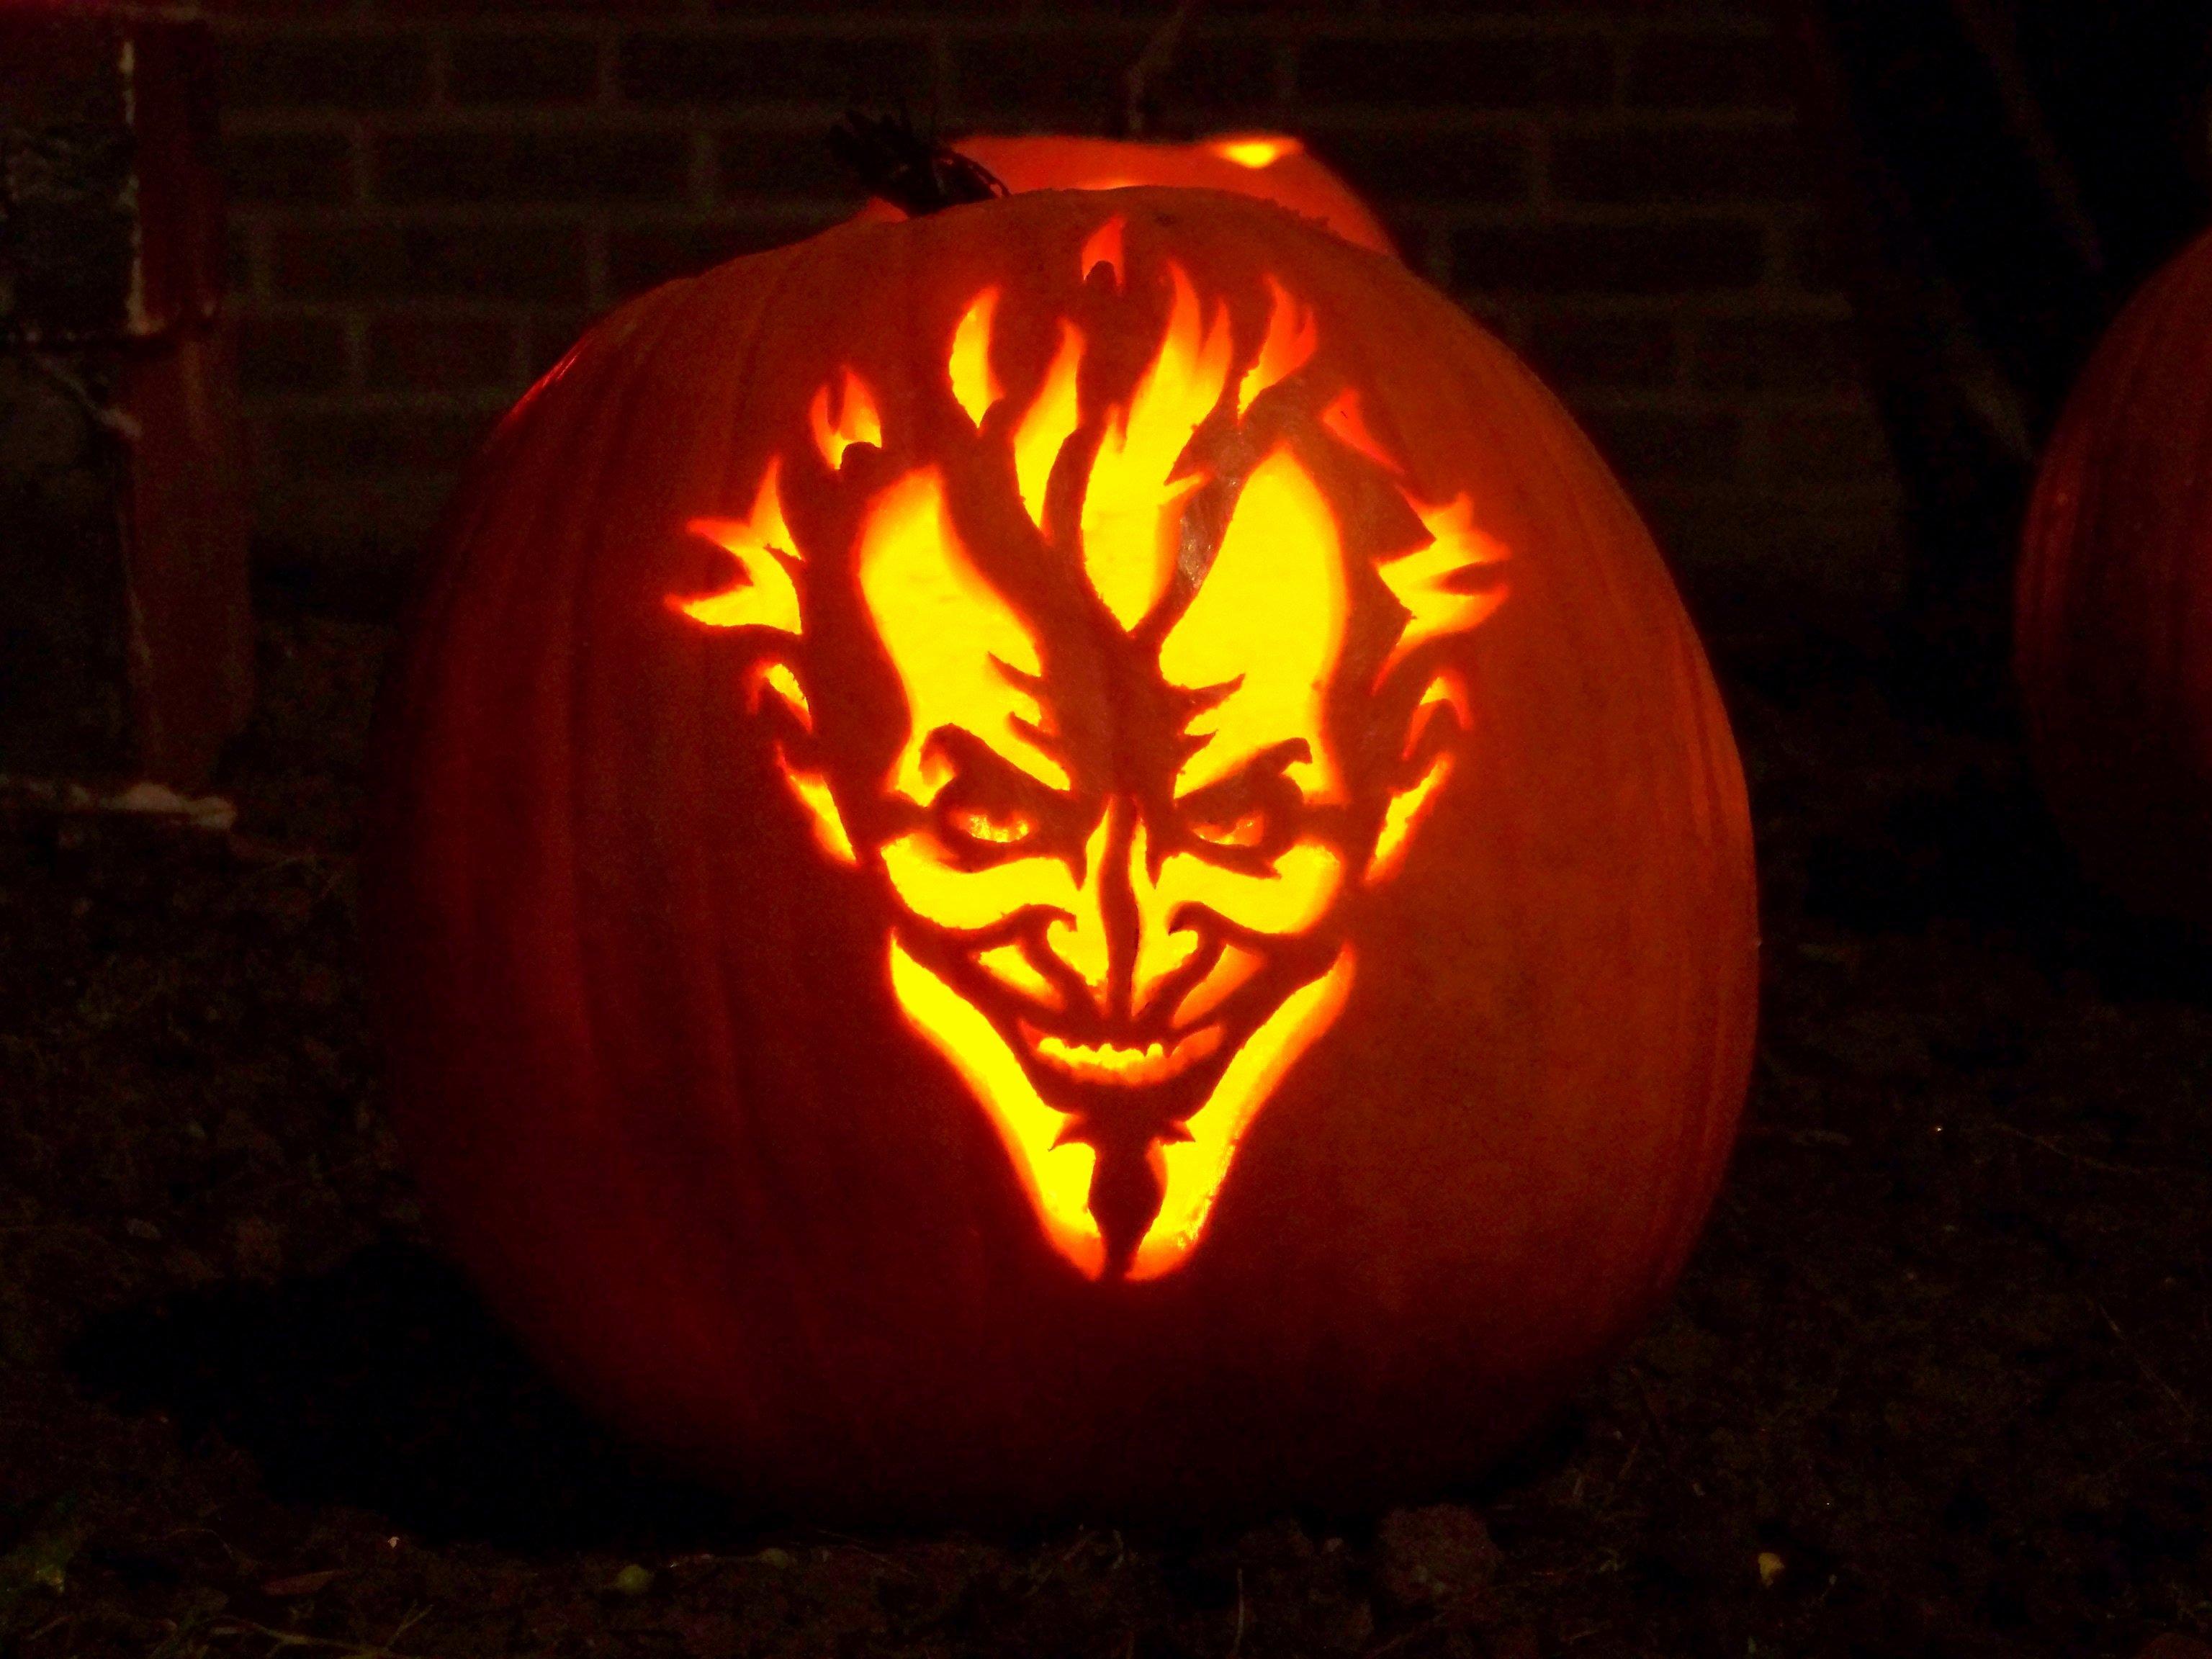 Joker Pumpkin Carving Patterns Awesome Halloween Pumpkins 2010 asylum Joker Pattern by Zombie